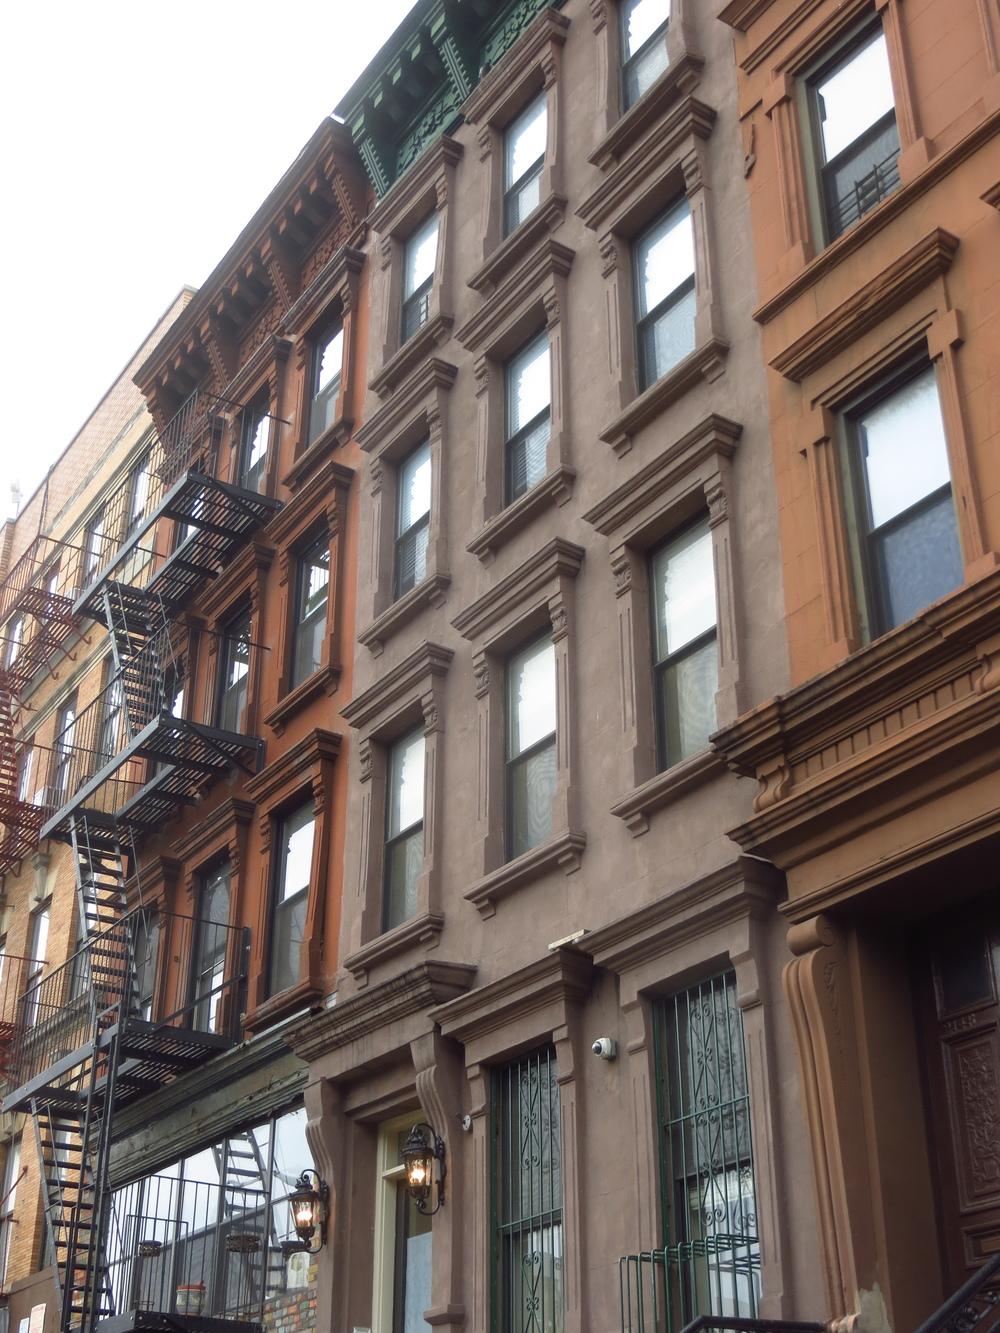 Harlem Apartments